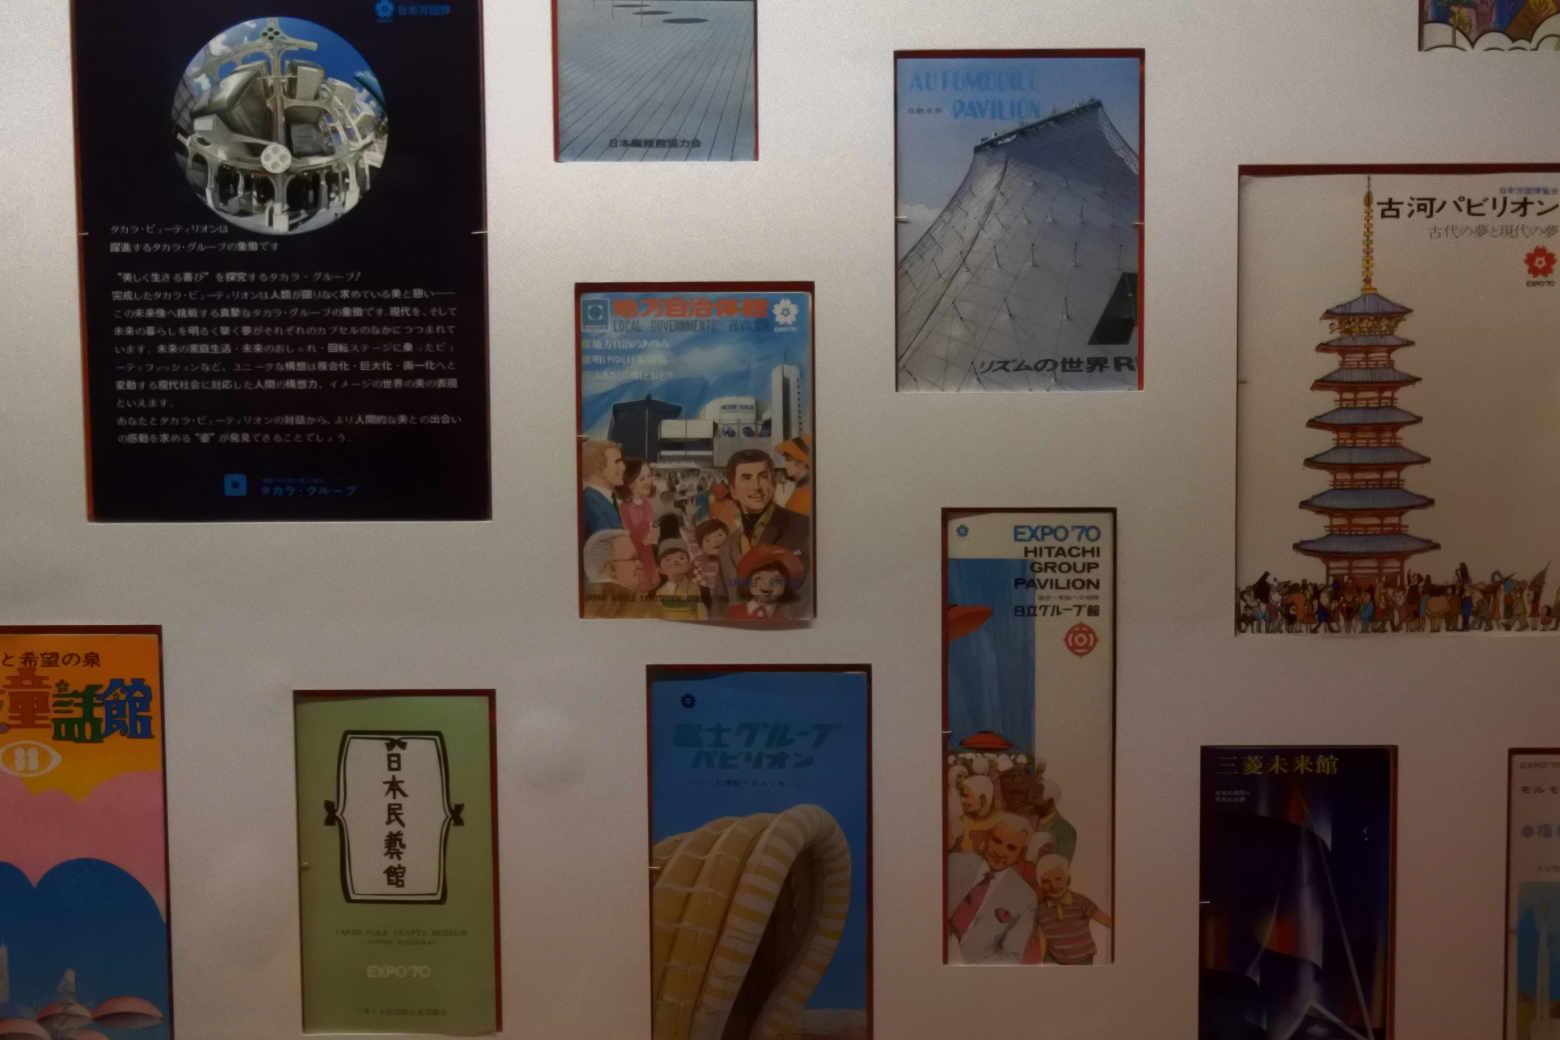 EXPO'70のパンフレット